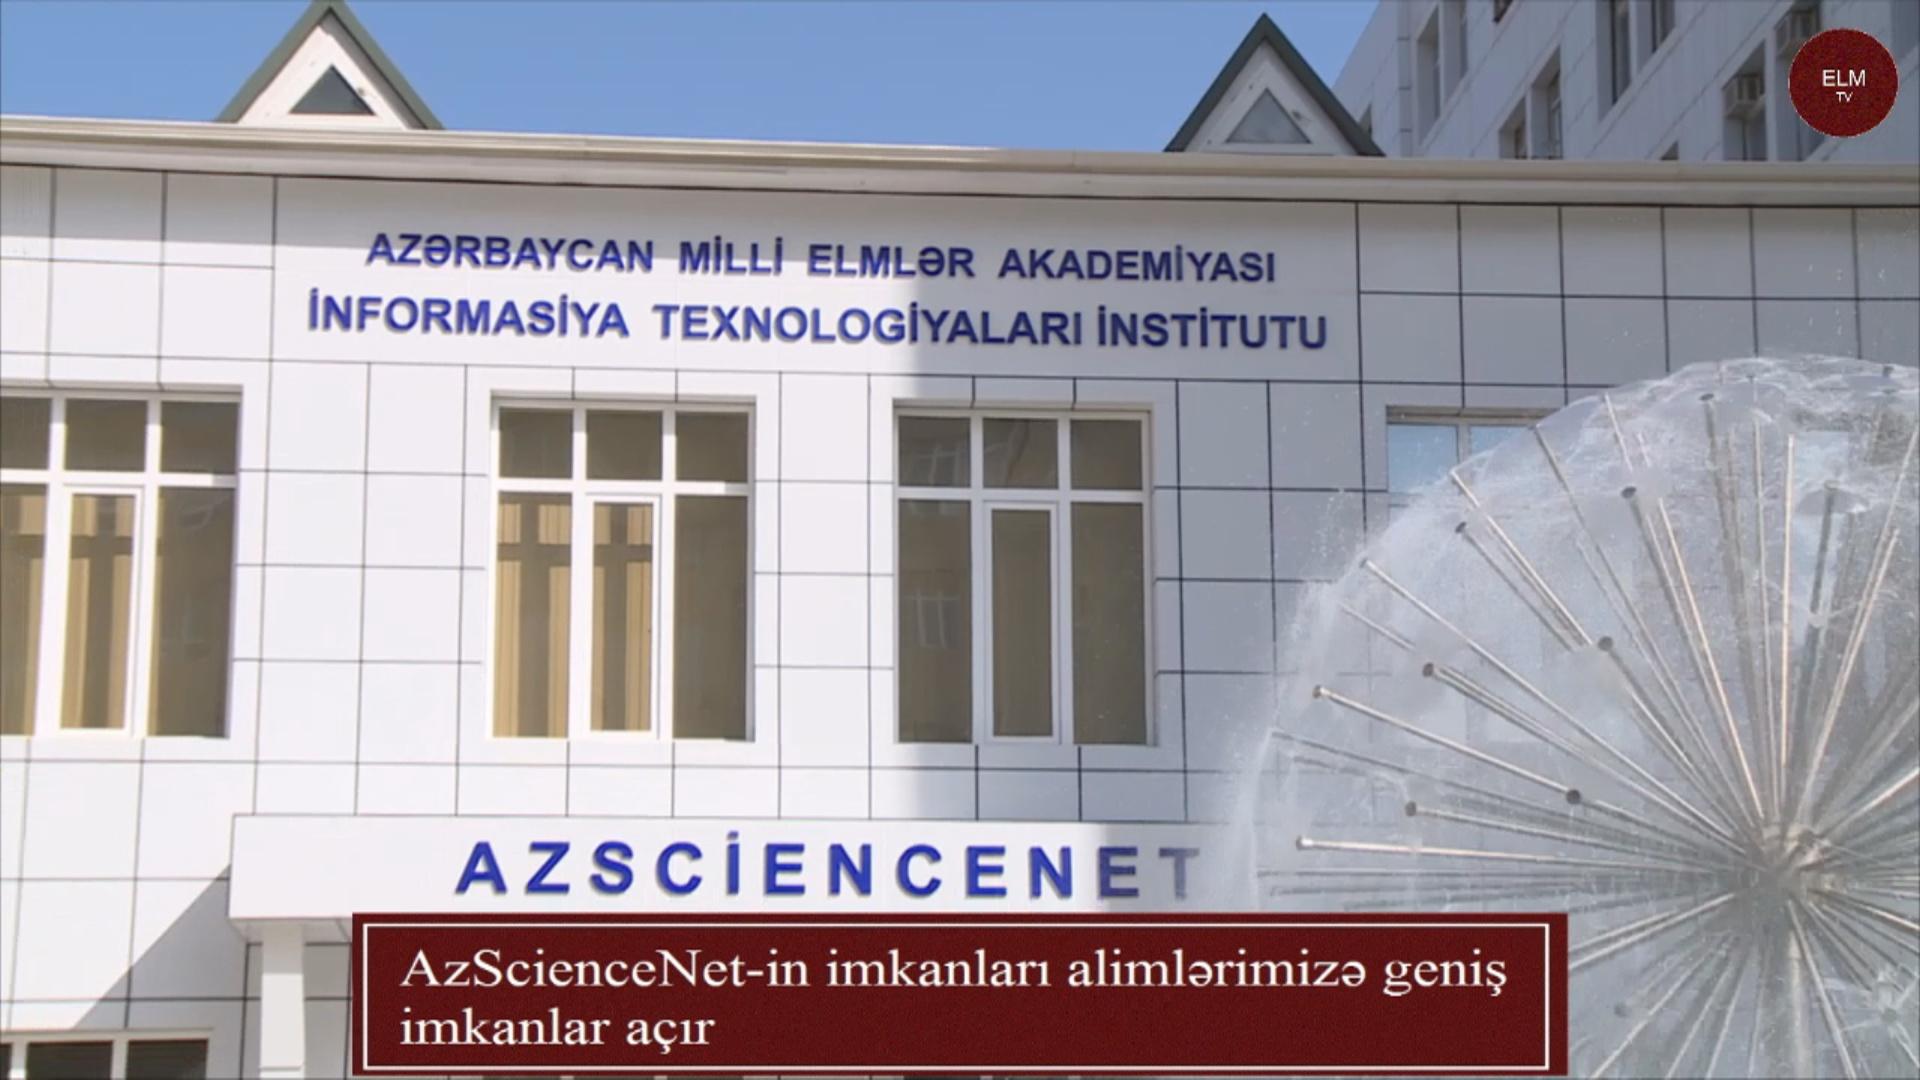 AzScienceNet-in imkanları alimlərimizə geniş imkanlar açır